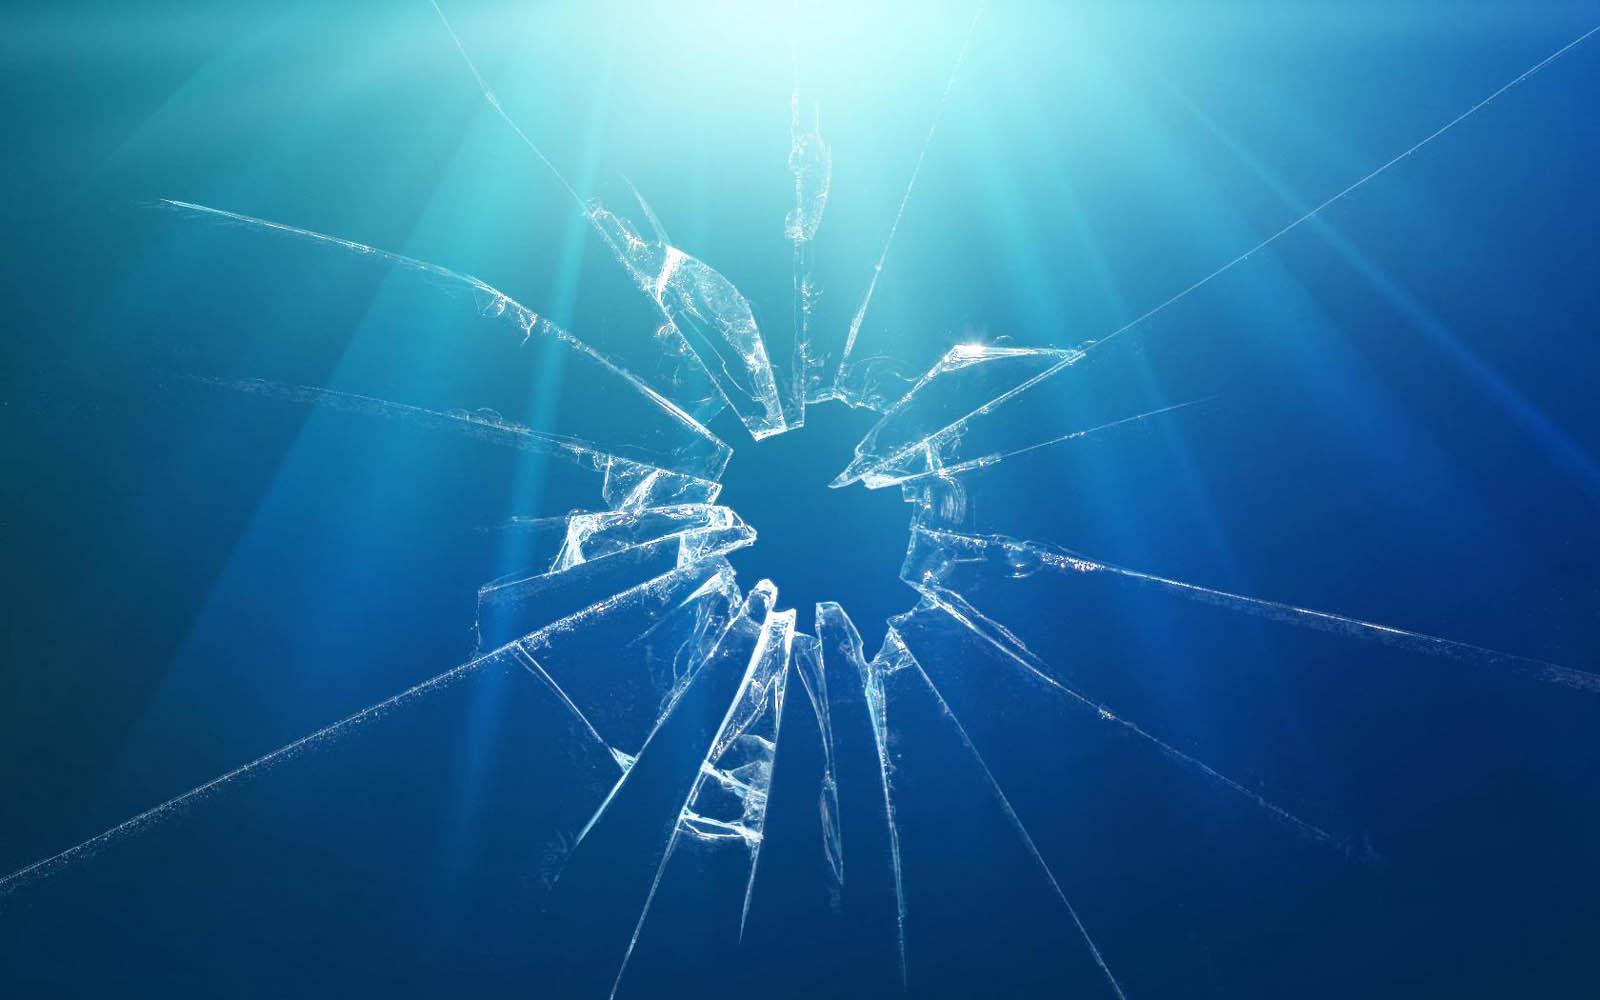 wallpapers Windows Broken Glass Wallpapers 1600x1000